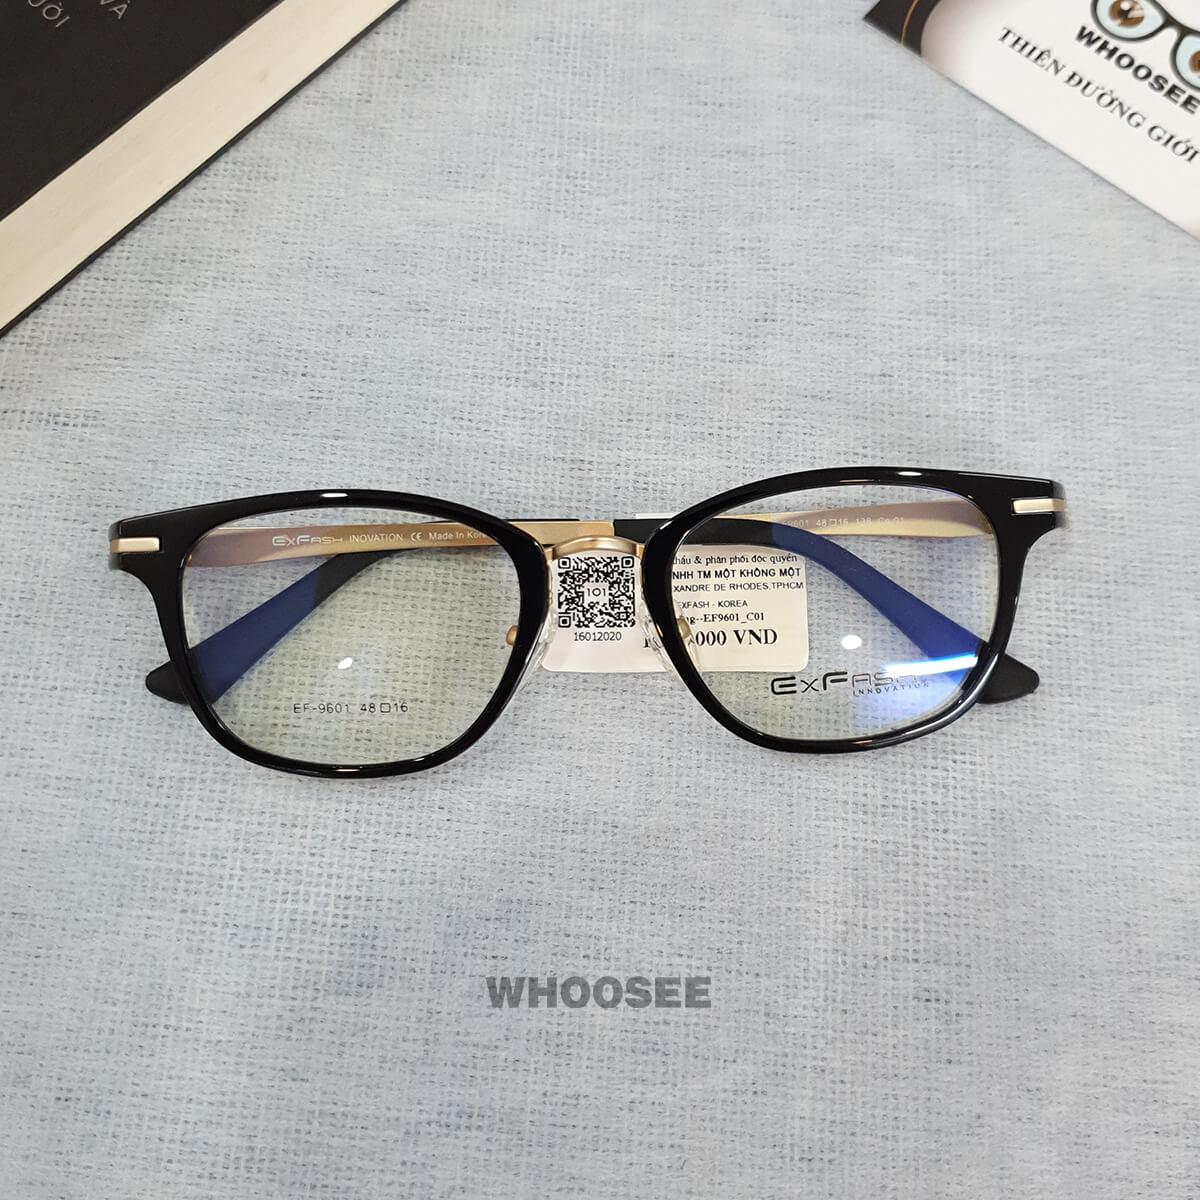 Gọng kính cận nhựa nam EF9601–Exfash